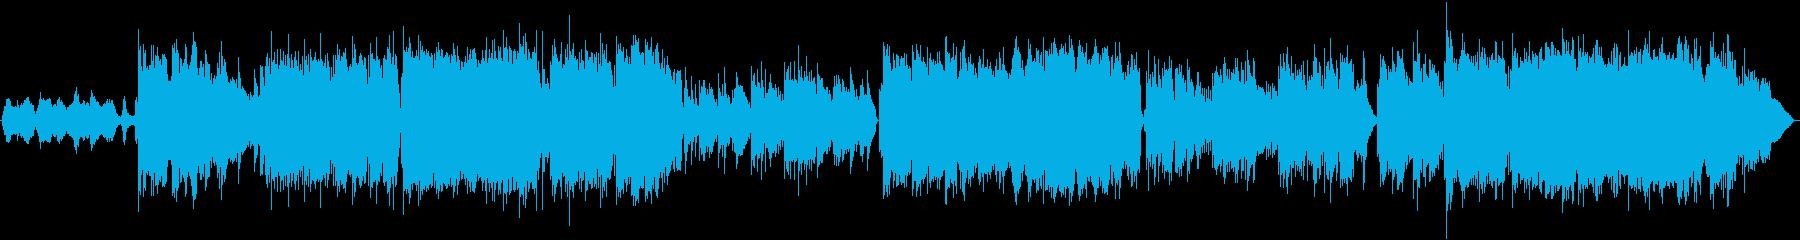 感動のシーンをオーケストレーションで演出の再生済みの波形